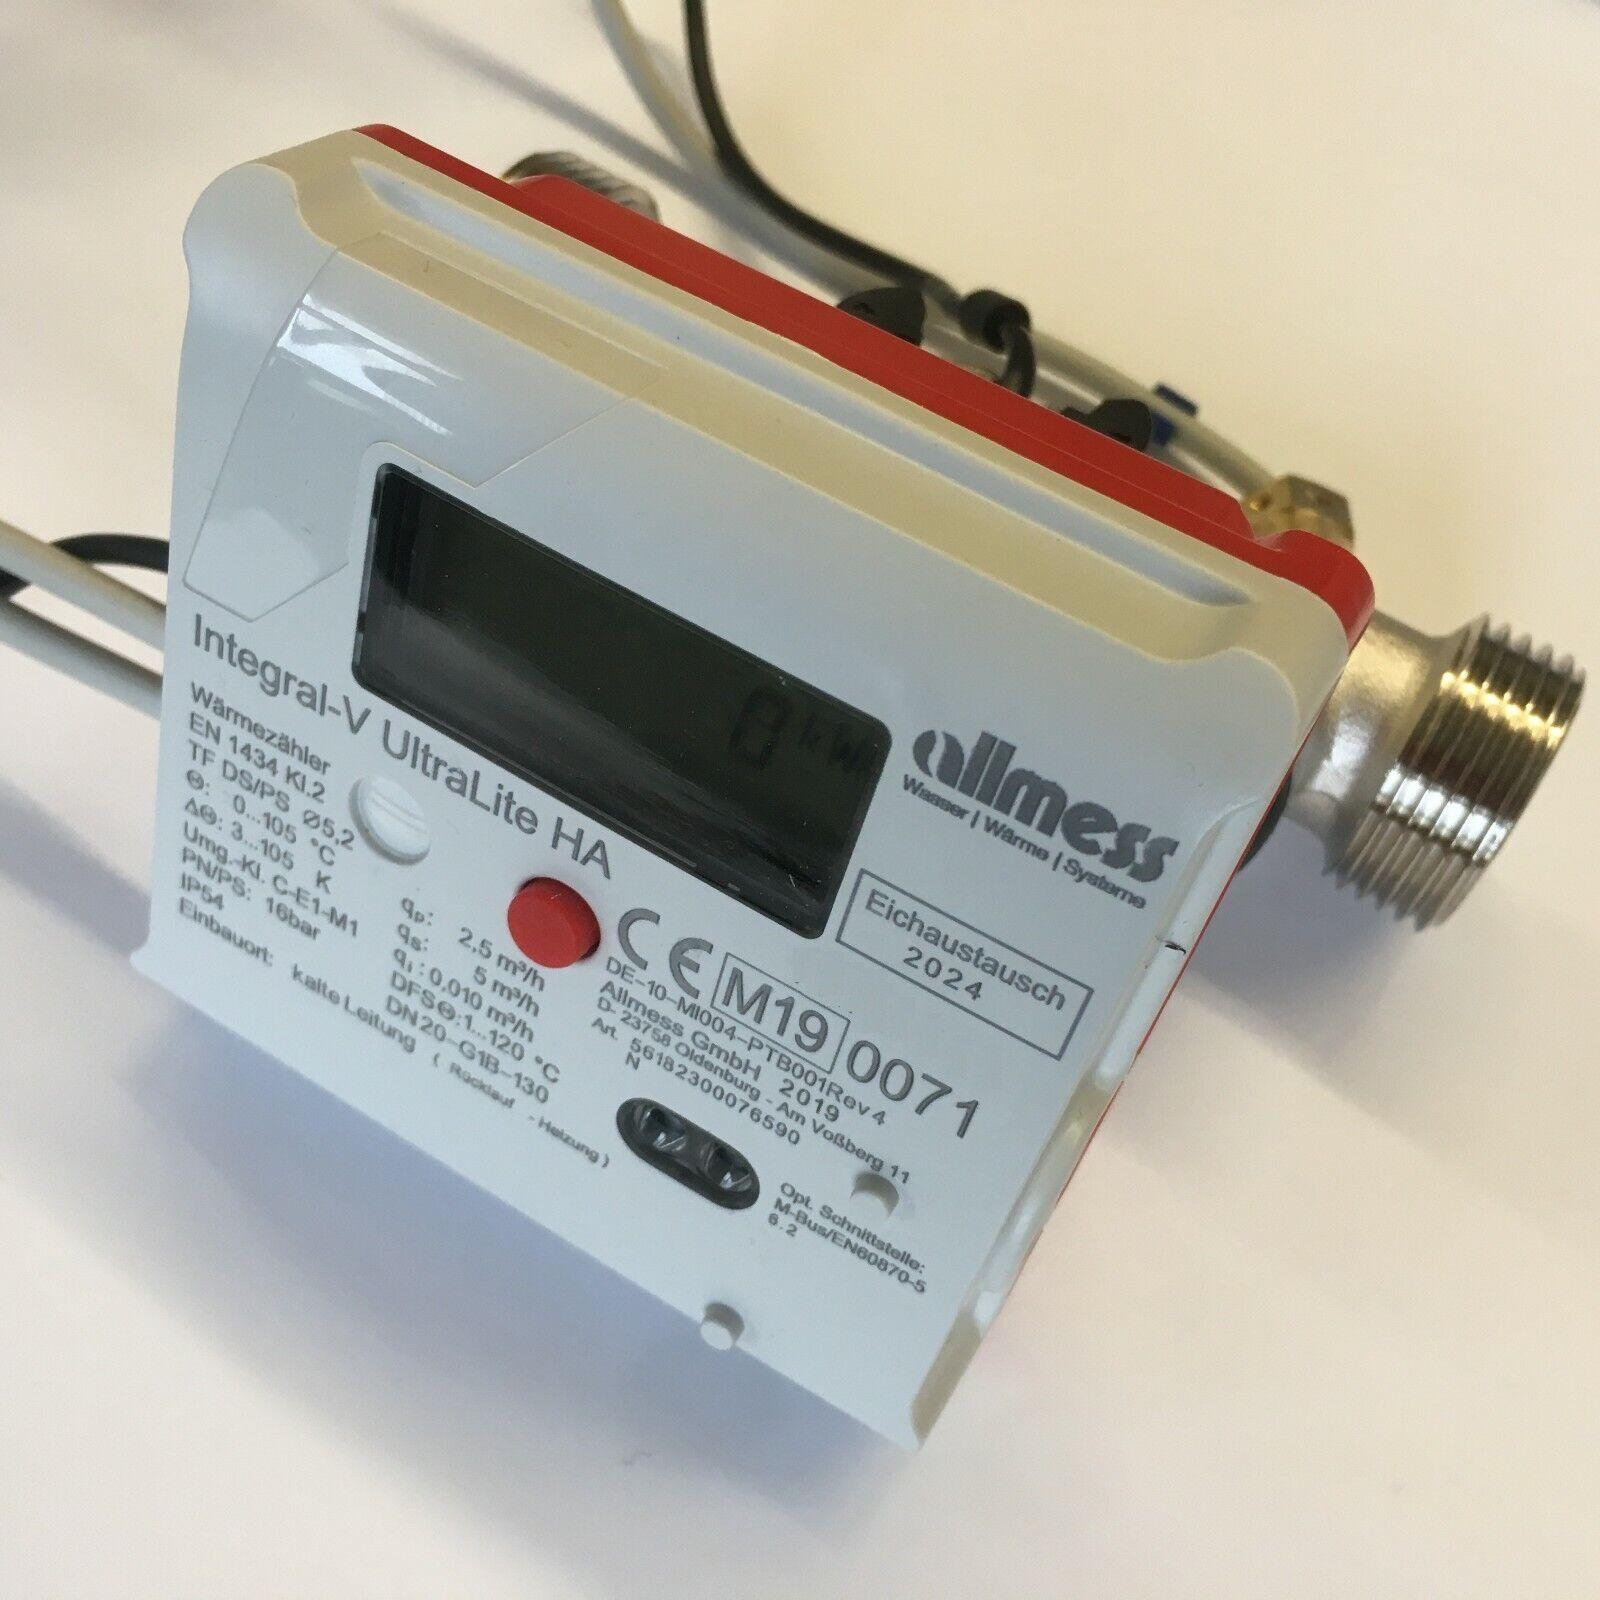 Wärmezähler Allmess Integral MaXX MK Wärmemengenzähler versch Modelle Qn 1,0 2,5